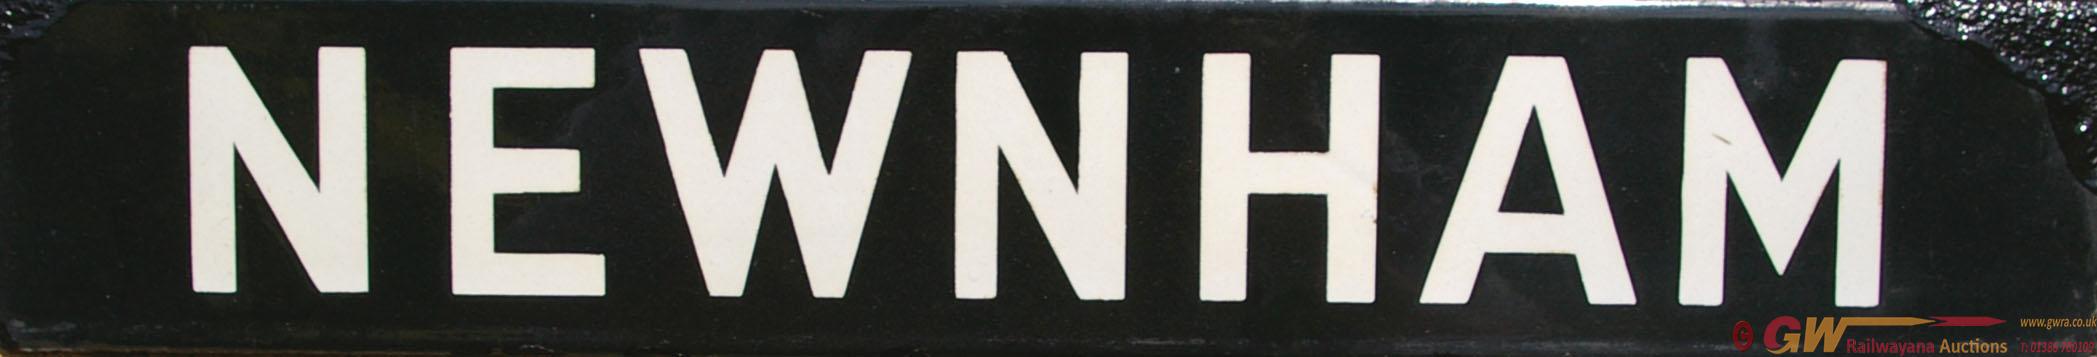 GWR Enamel Lamp Tablet NEWNHAM, White Lettering On